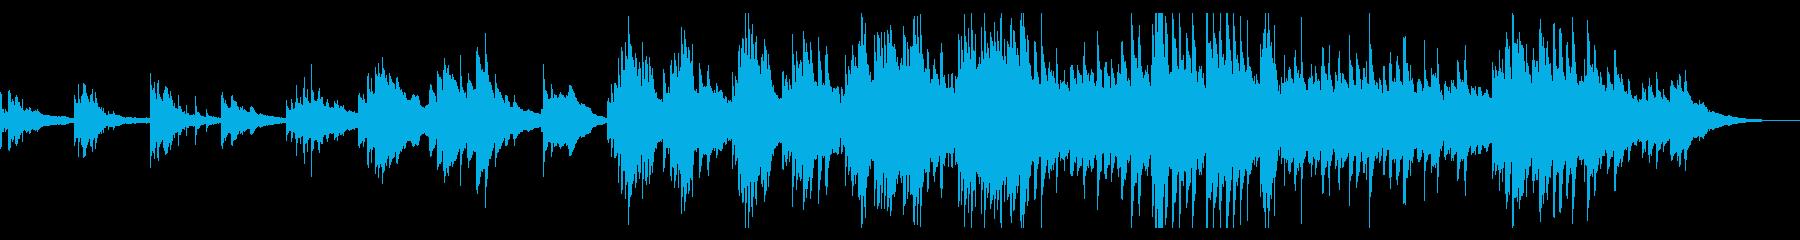 七夕がイメージのドラマティックなピアノの再生済みの波形